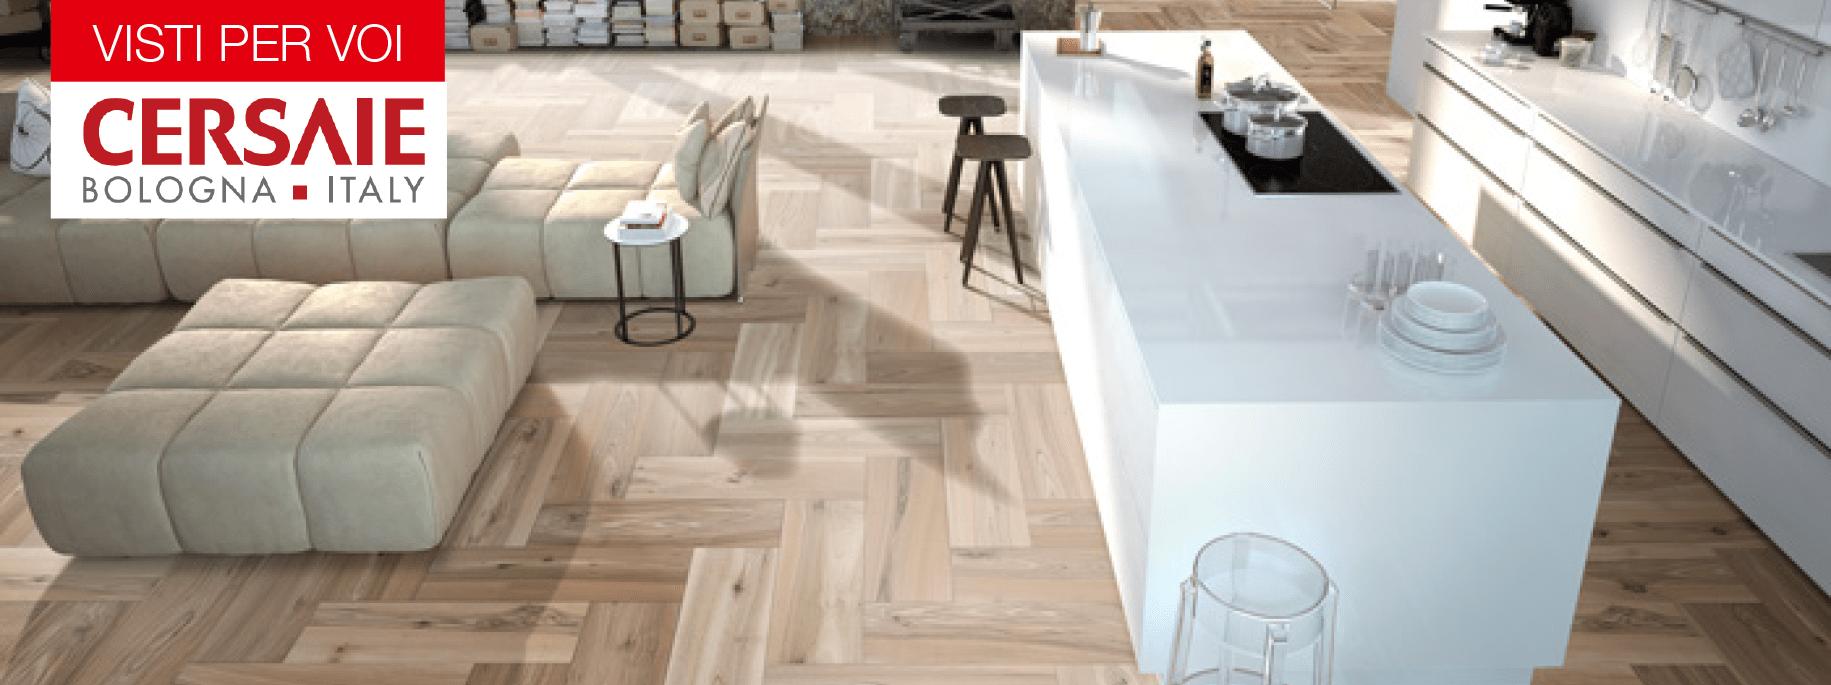 Parquet le ultime tendenze cose di casa - Ultime tendenze pavimenti interni ...